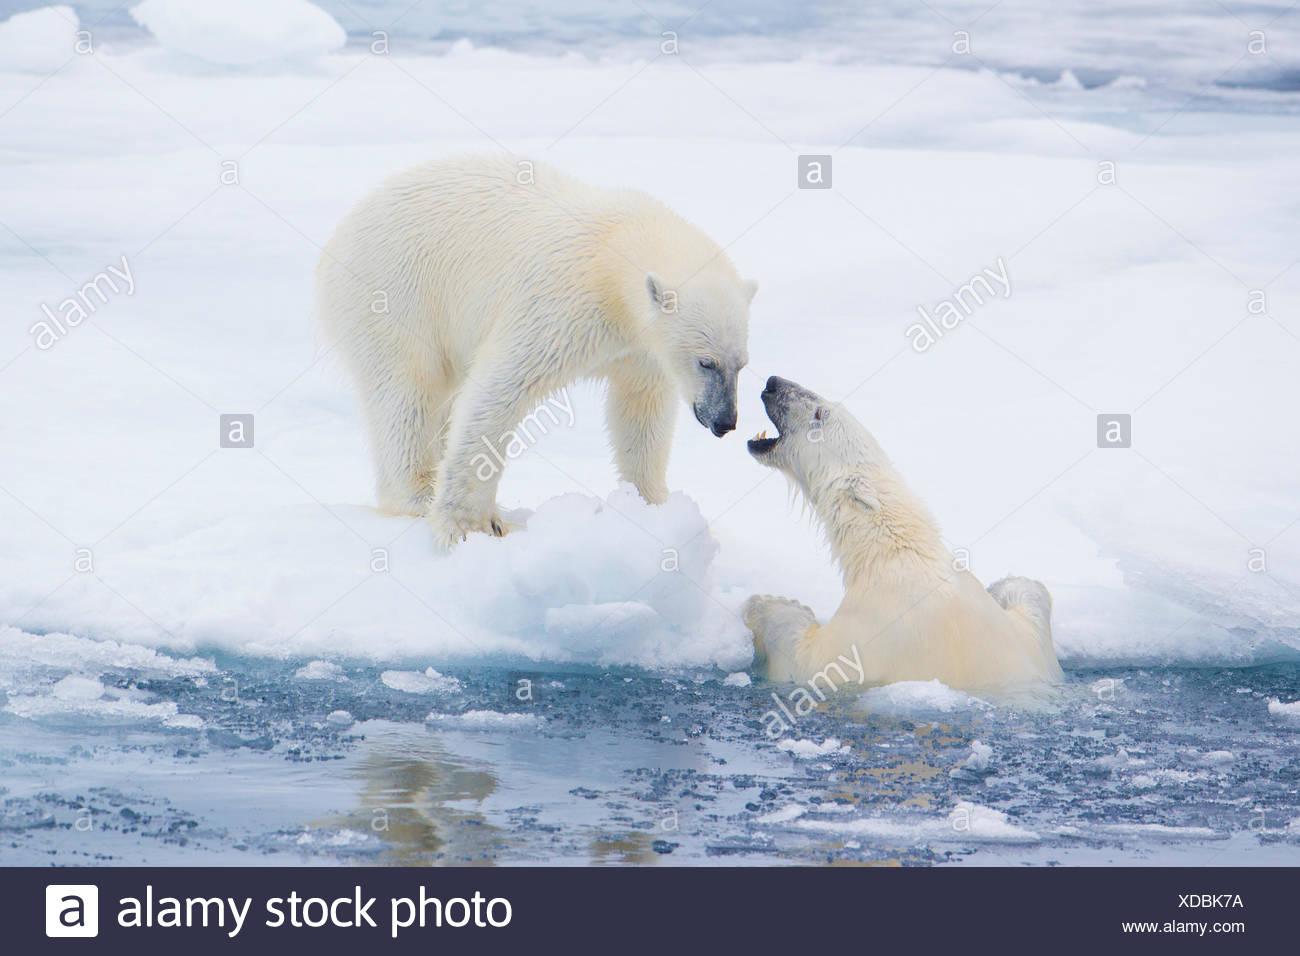 Hembra adulta de osos polares (Ursus maritimus) interactuando en el hielo del mar ártico, el archipiélago de Svalbard, Noruega Imagen De Stock